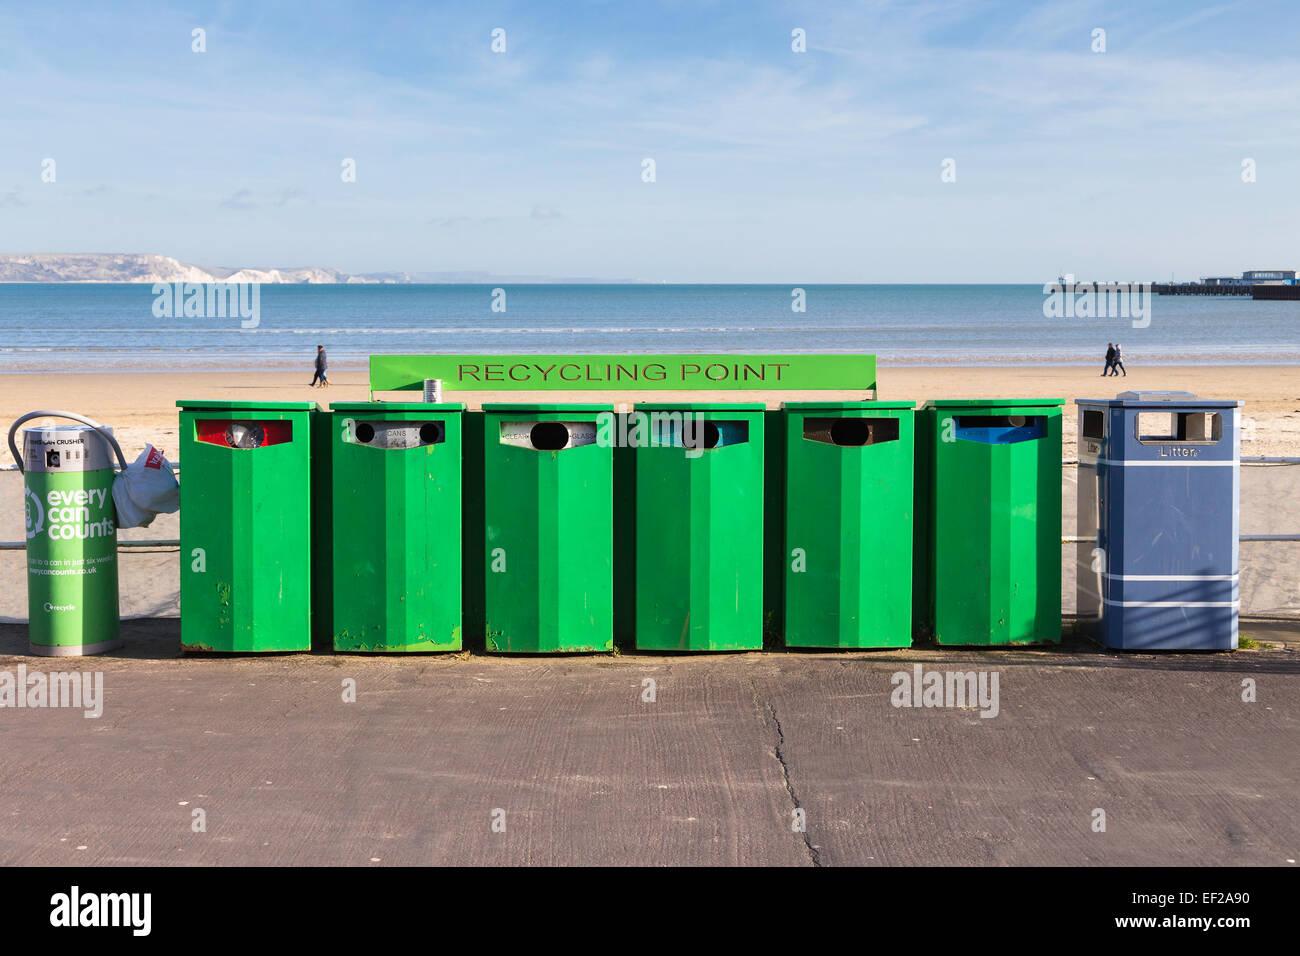 Un punto de reciclaje, reciclaje de plásticos, latas, vidrio transparente, de vidrio verde, marrón de Imagen De Stock